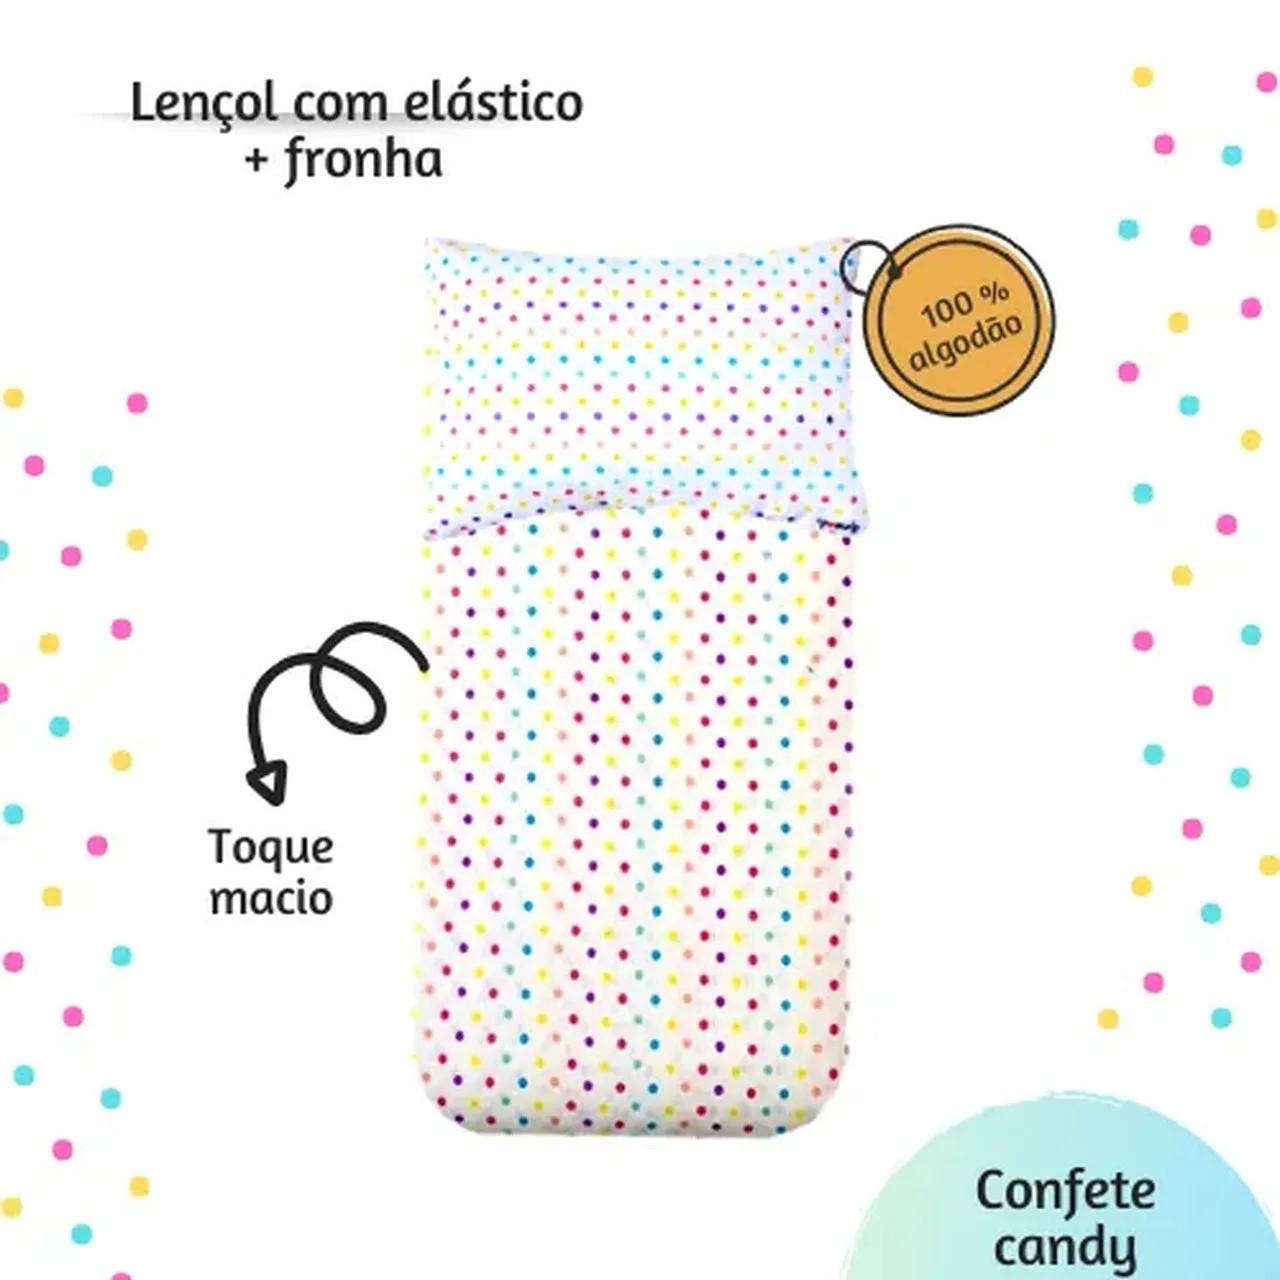 Jogo de lençol mini cama 100% algodão estampa Confete candy